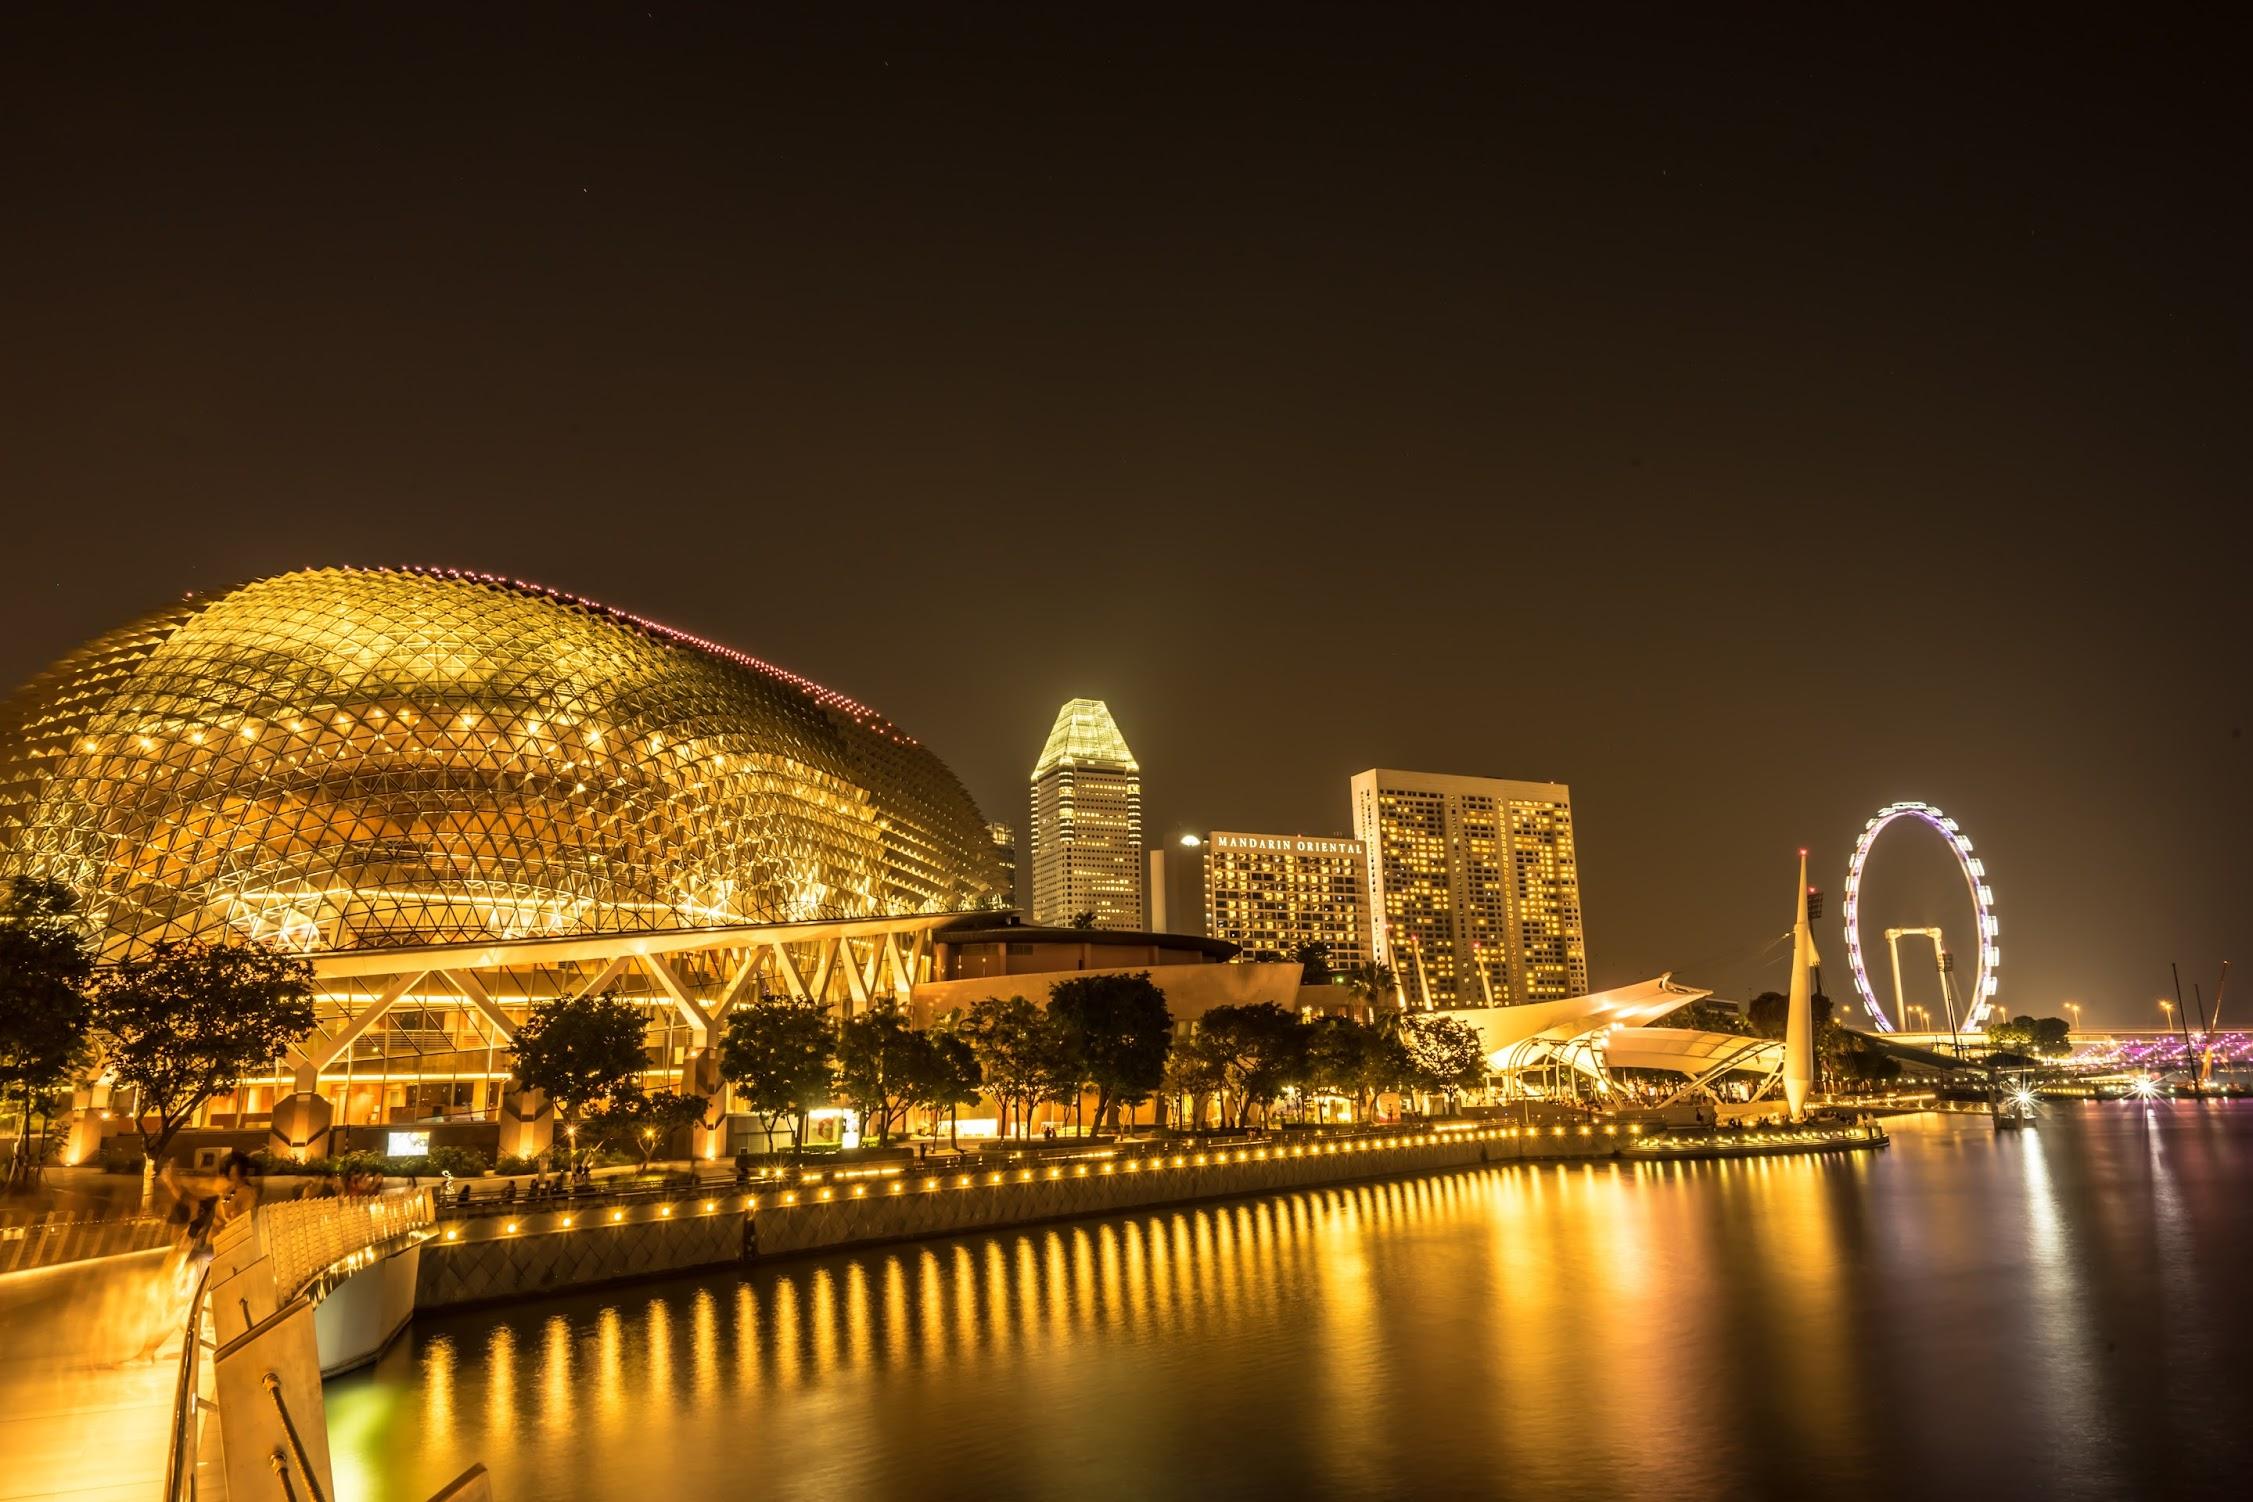 シンガポール エスプラネード 夜景1